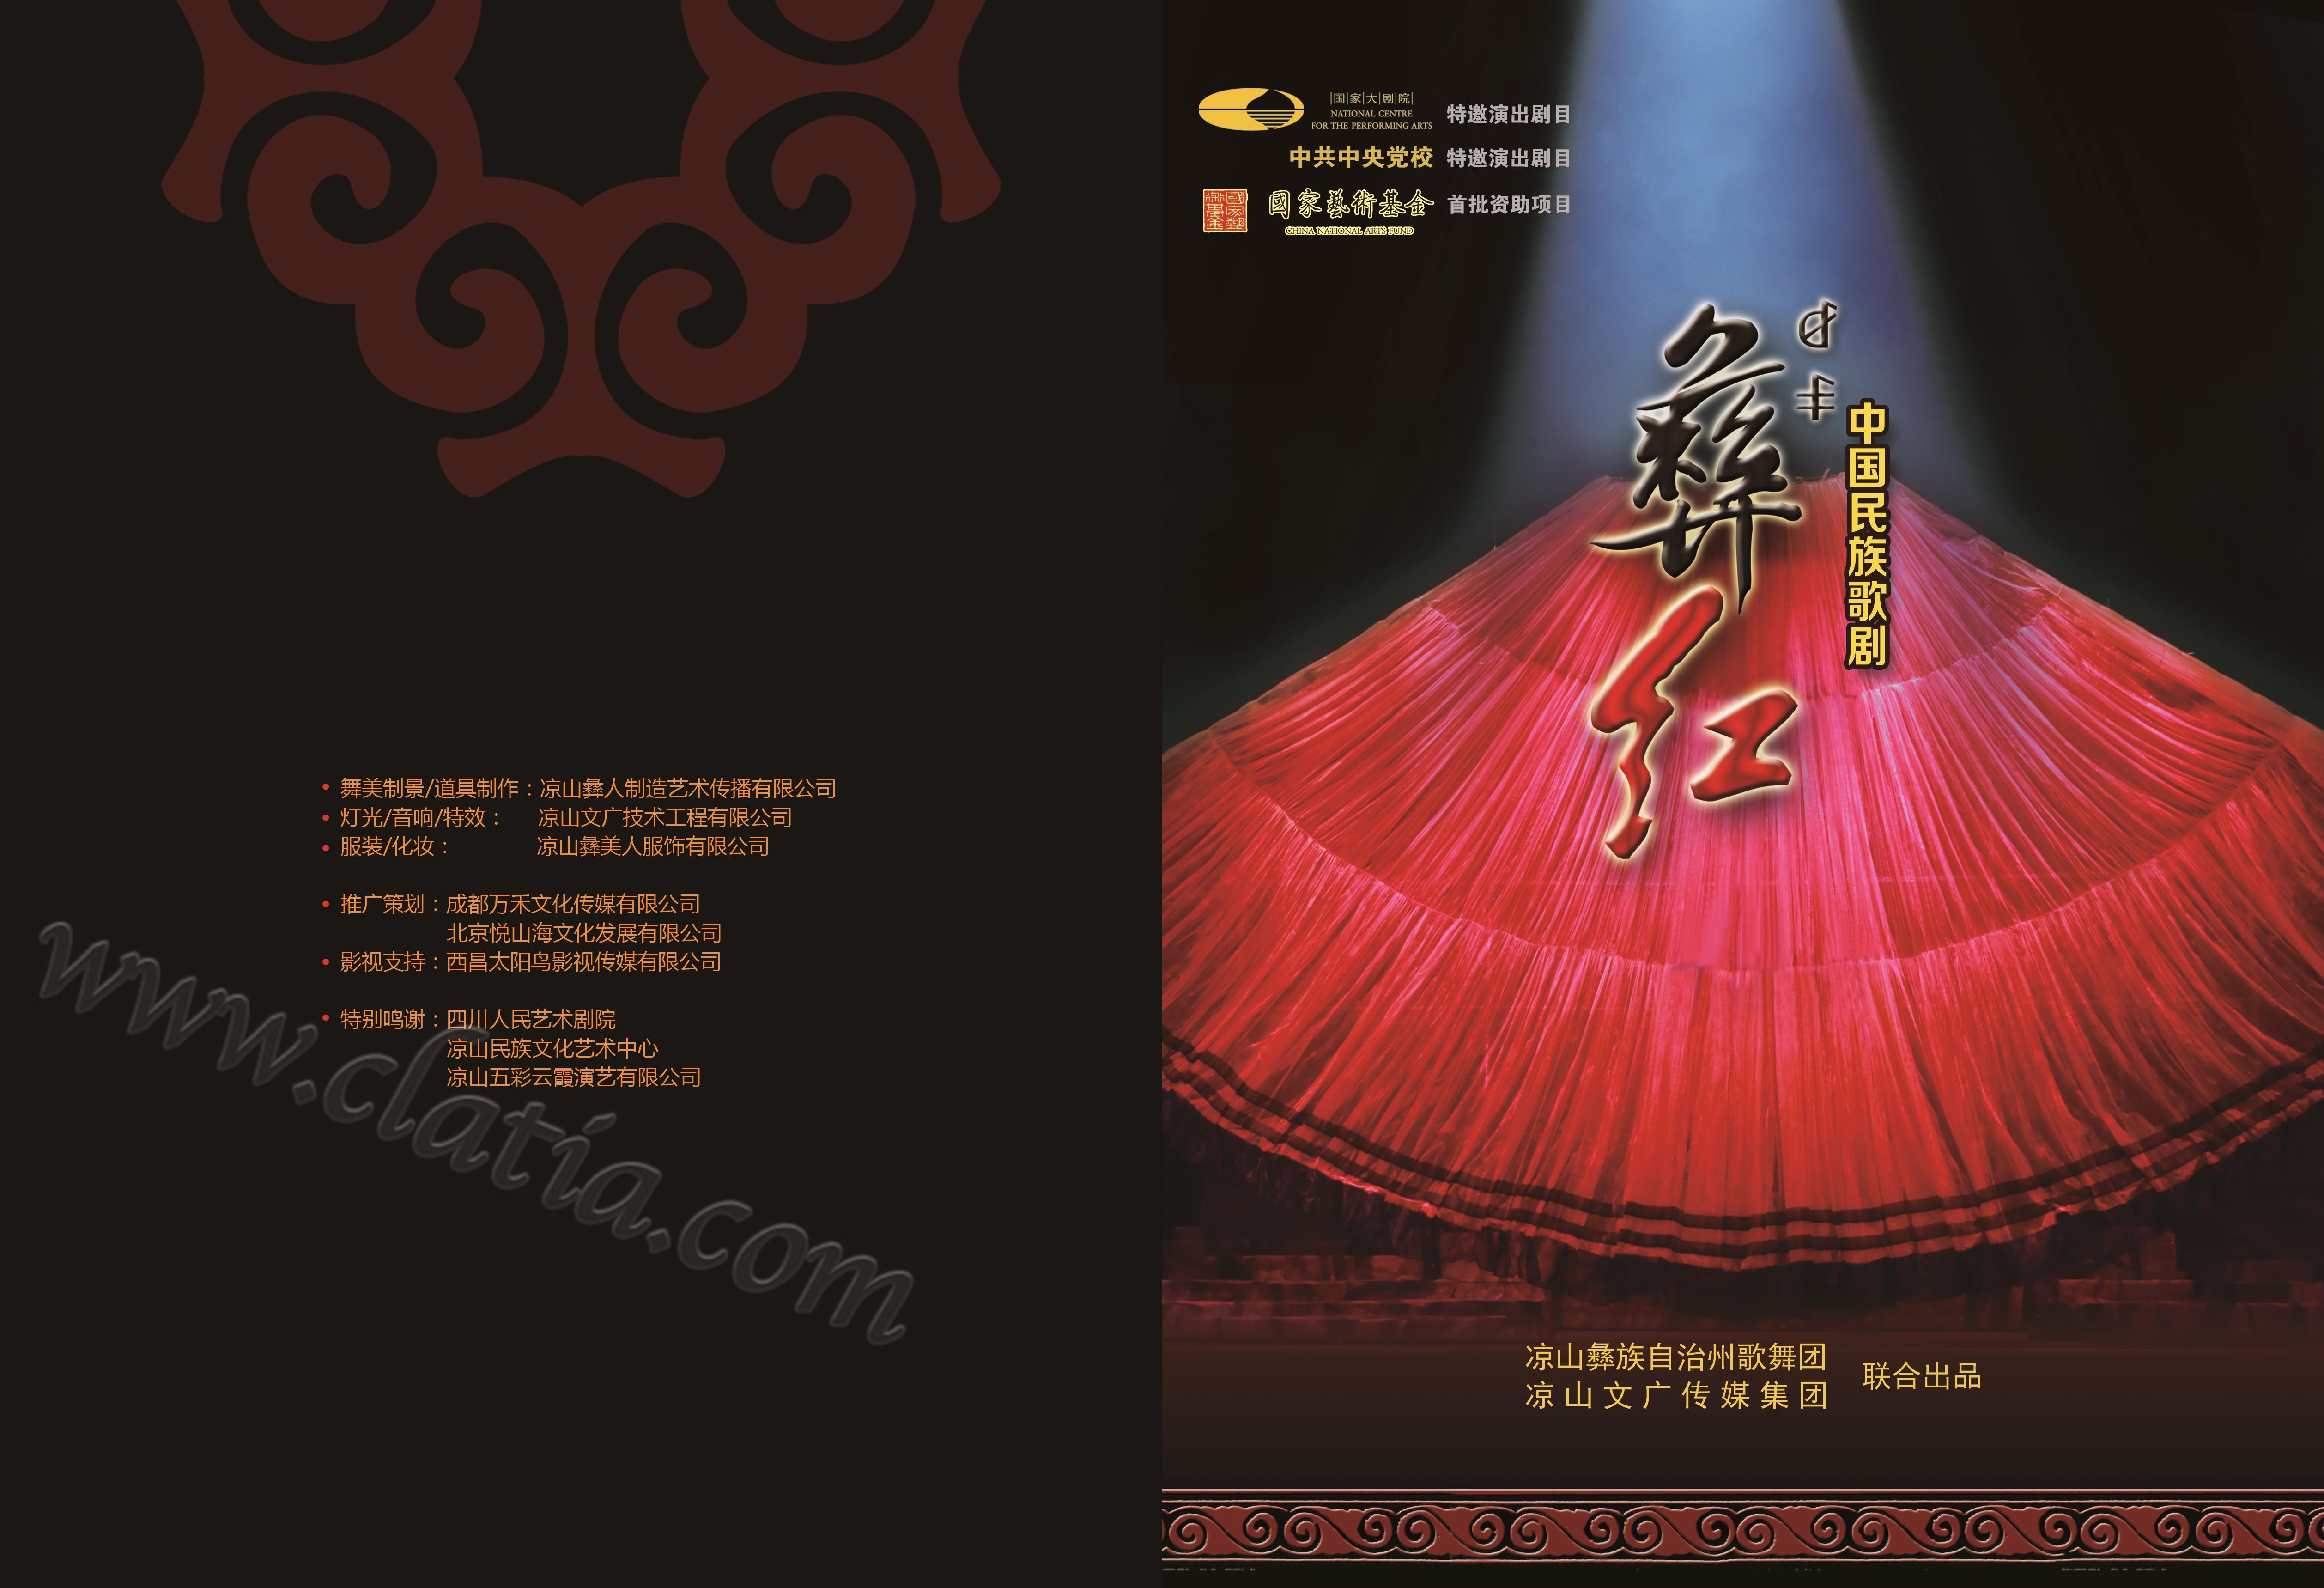 彝红—中国民族歌剧